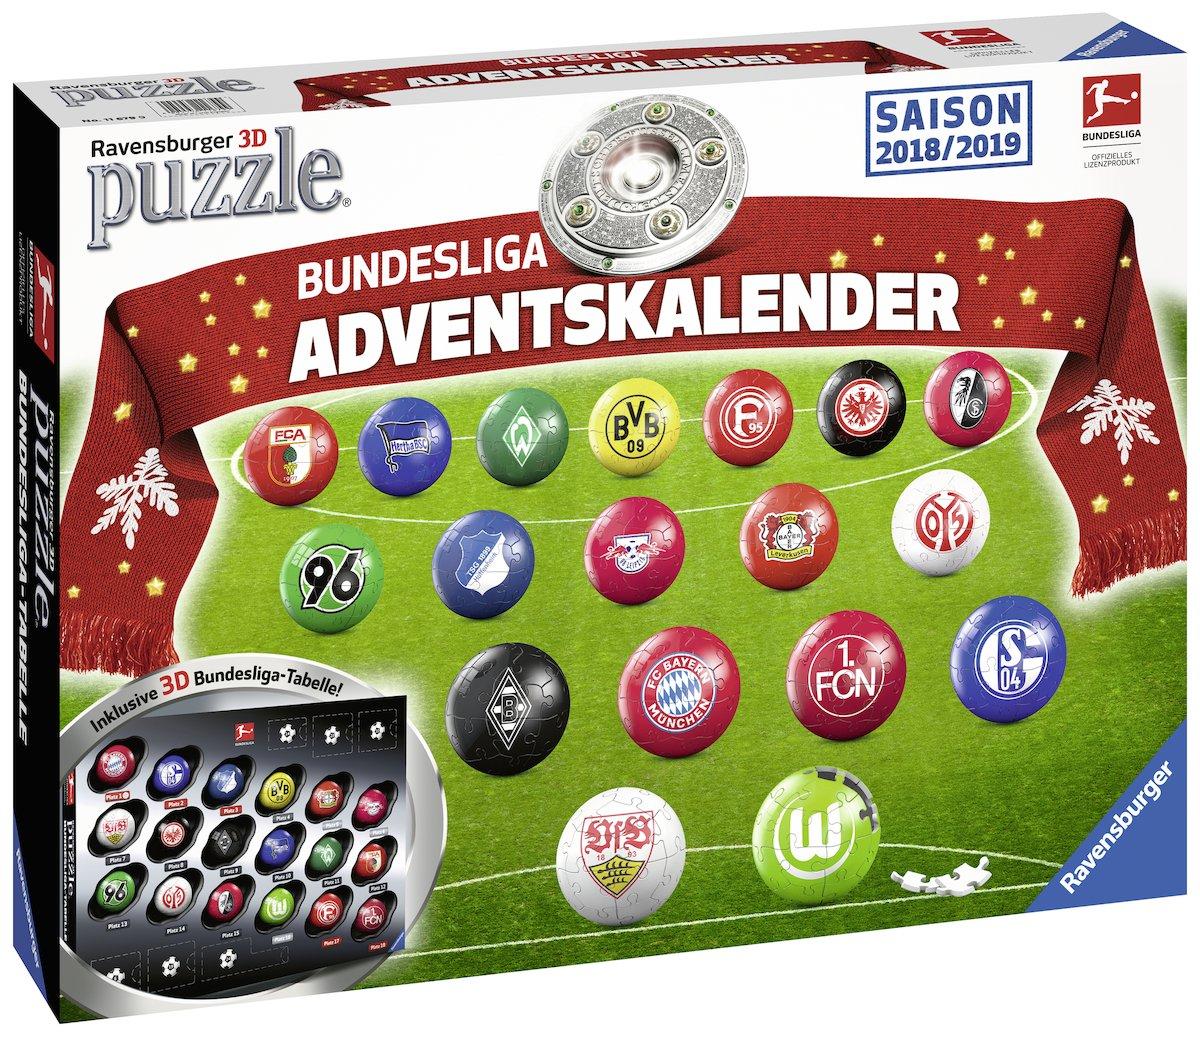 Ravensburger Erwachsenenpuzzle 11679 Adventskalender Bundesliga Ravensburger Spielverlag